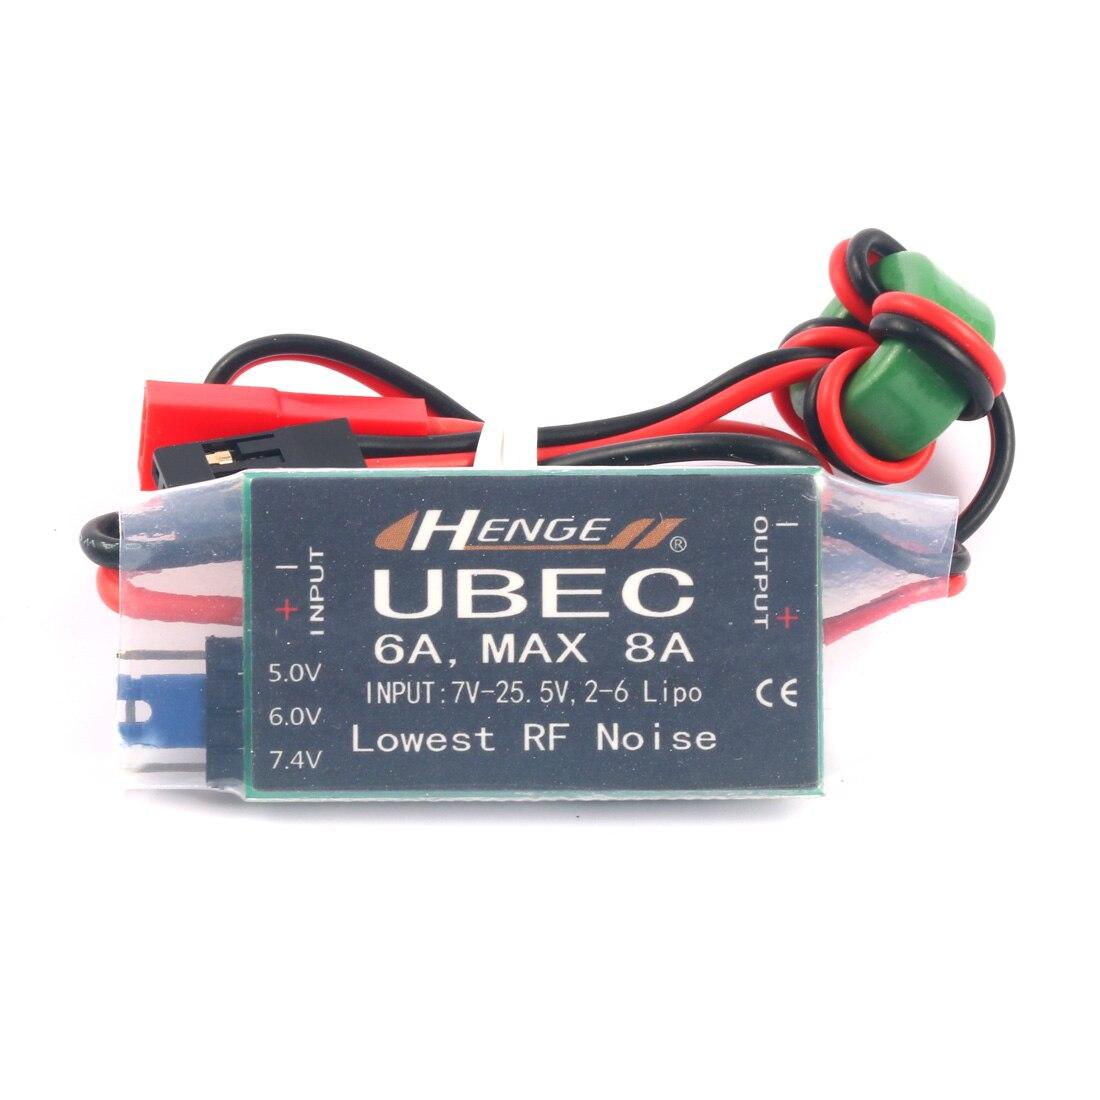 Стабилизатор напряжения Henge 5V/6V/7.4V 6A UBEC 2-6S